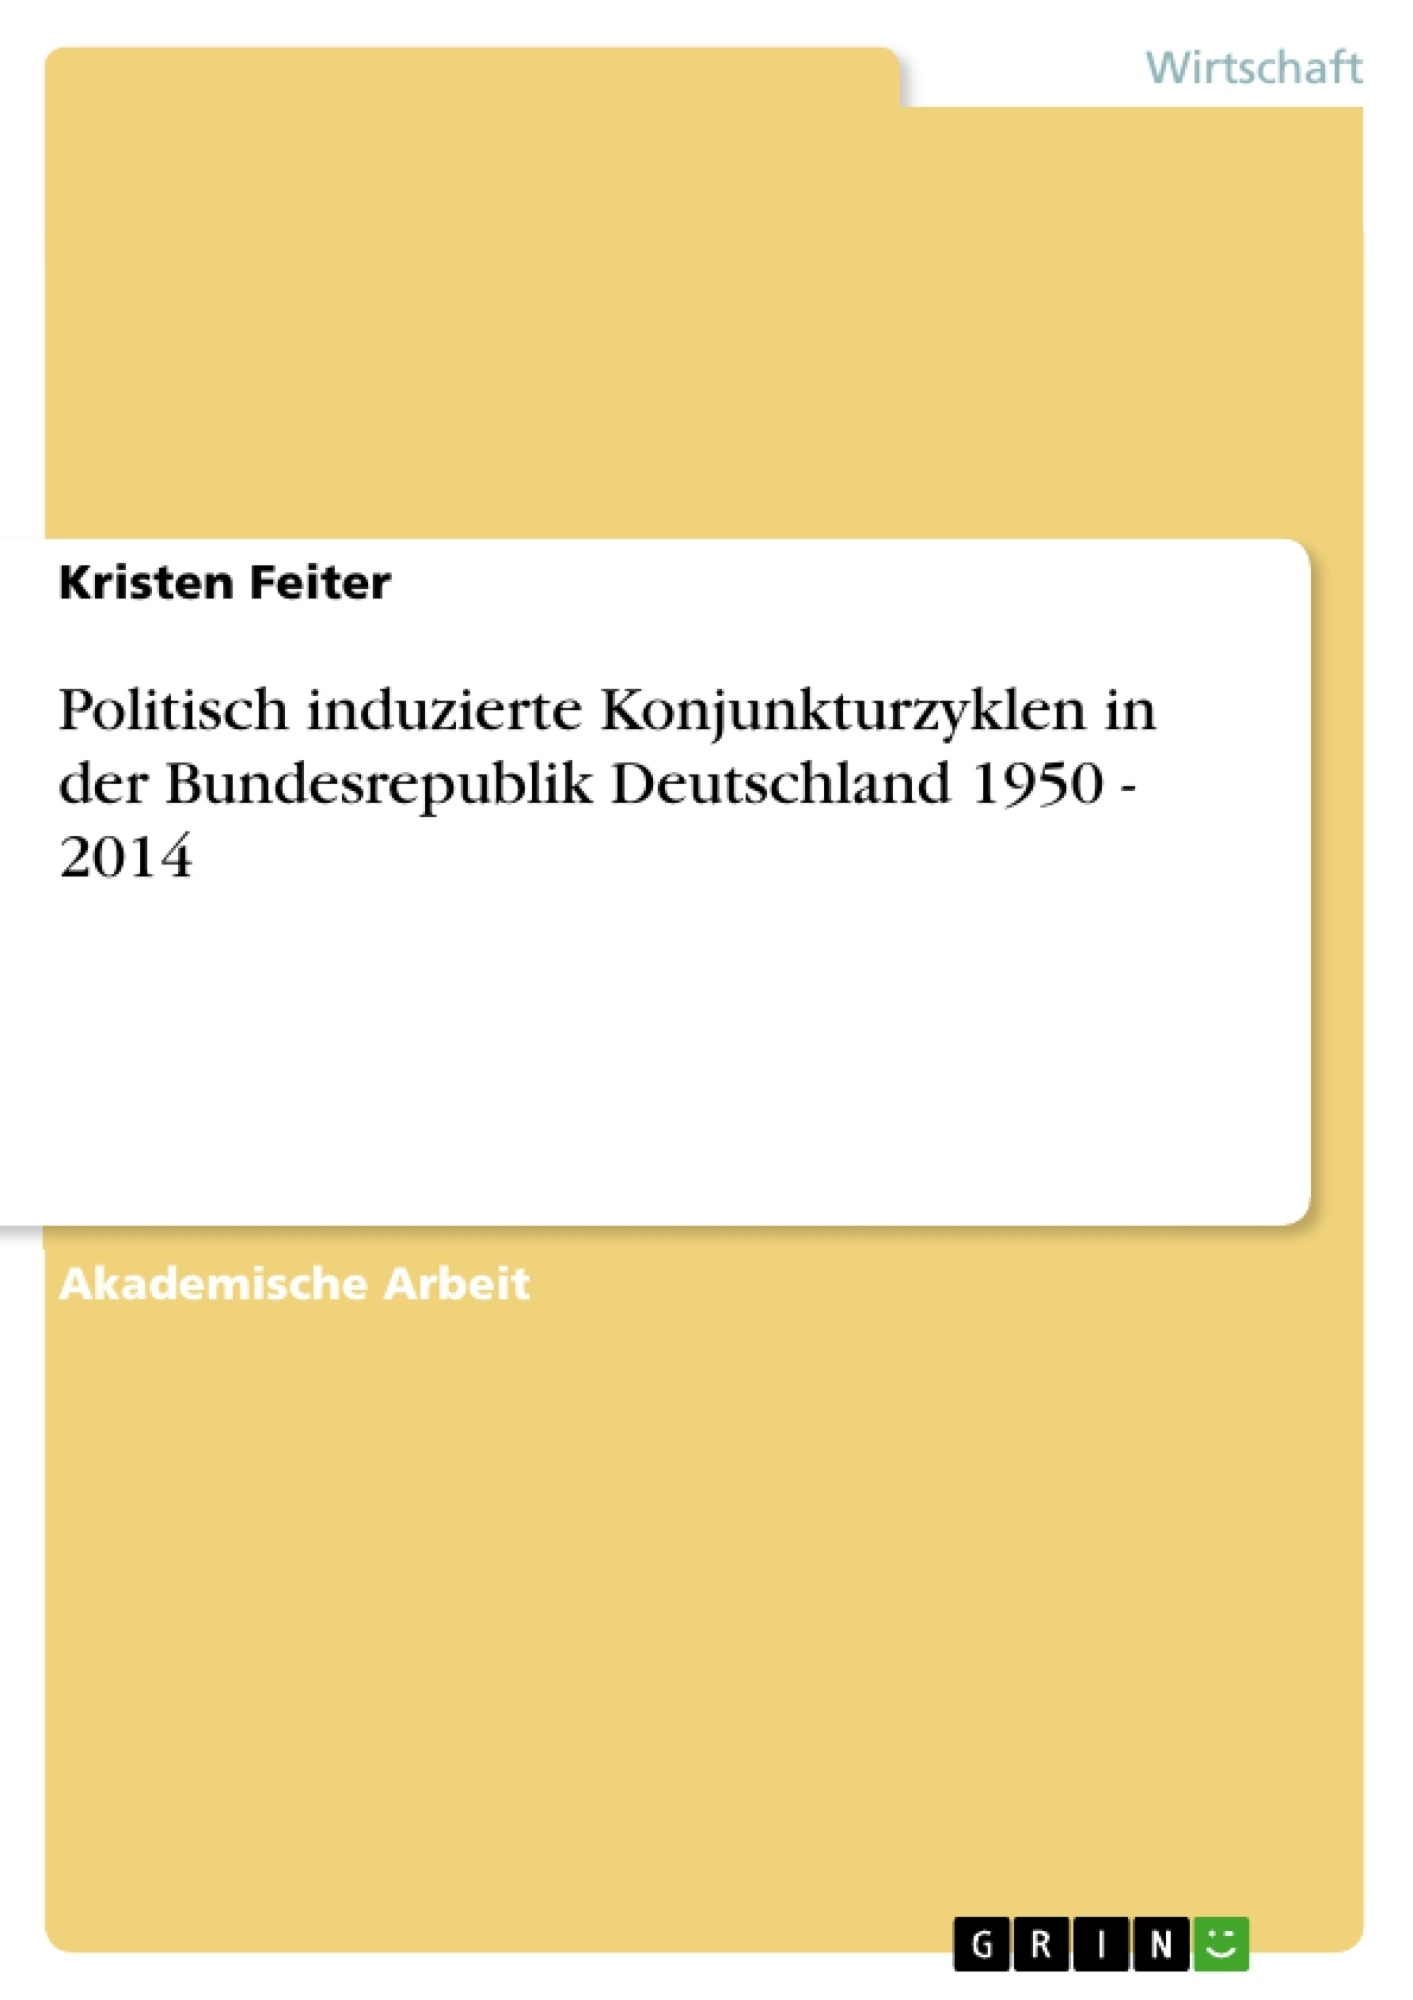 Titel: Politisch induzierte Konjunkturzyklen in der Bundesrepublik Deutschland 1950 - 2014